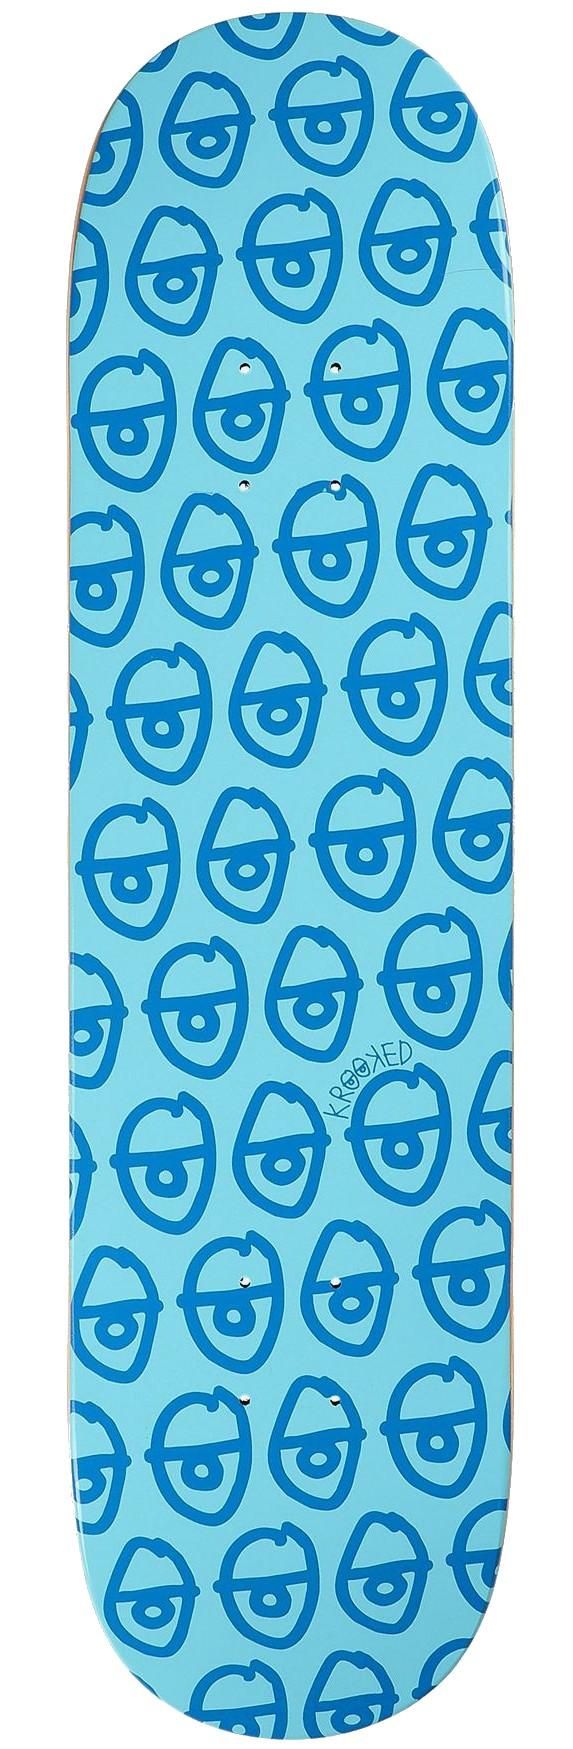 """KROOKED PEWPILS SKATEBOARD DECK 8.06"""" - BLUE"""